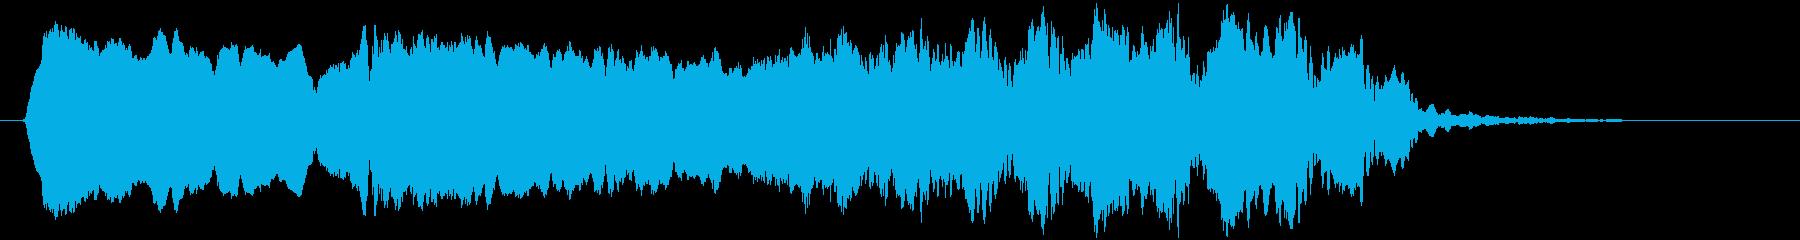 トンビ(トビ、鳶)ヒィーヨォォーロロロロの再生済みの波形